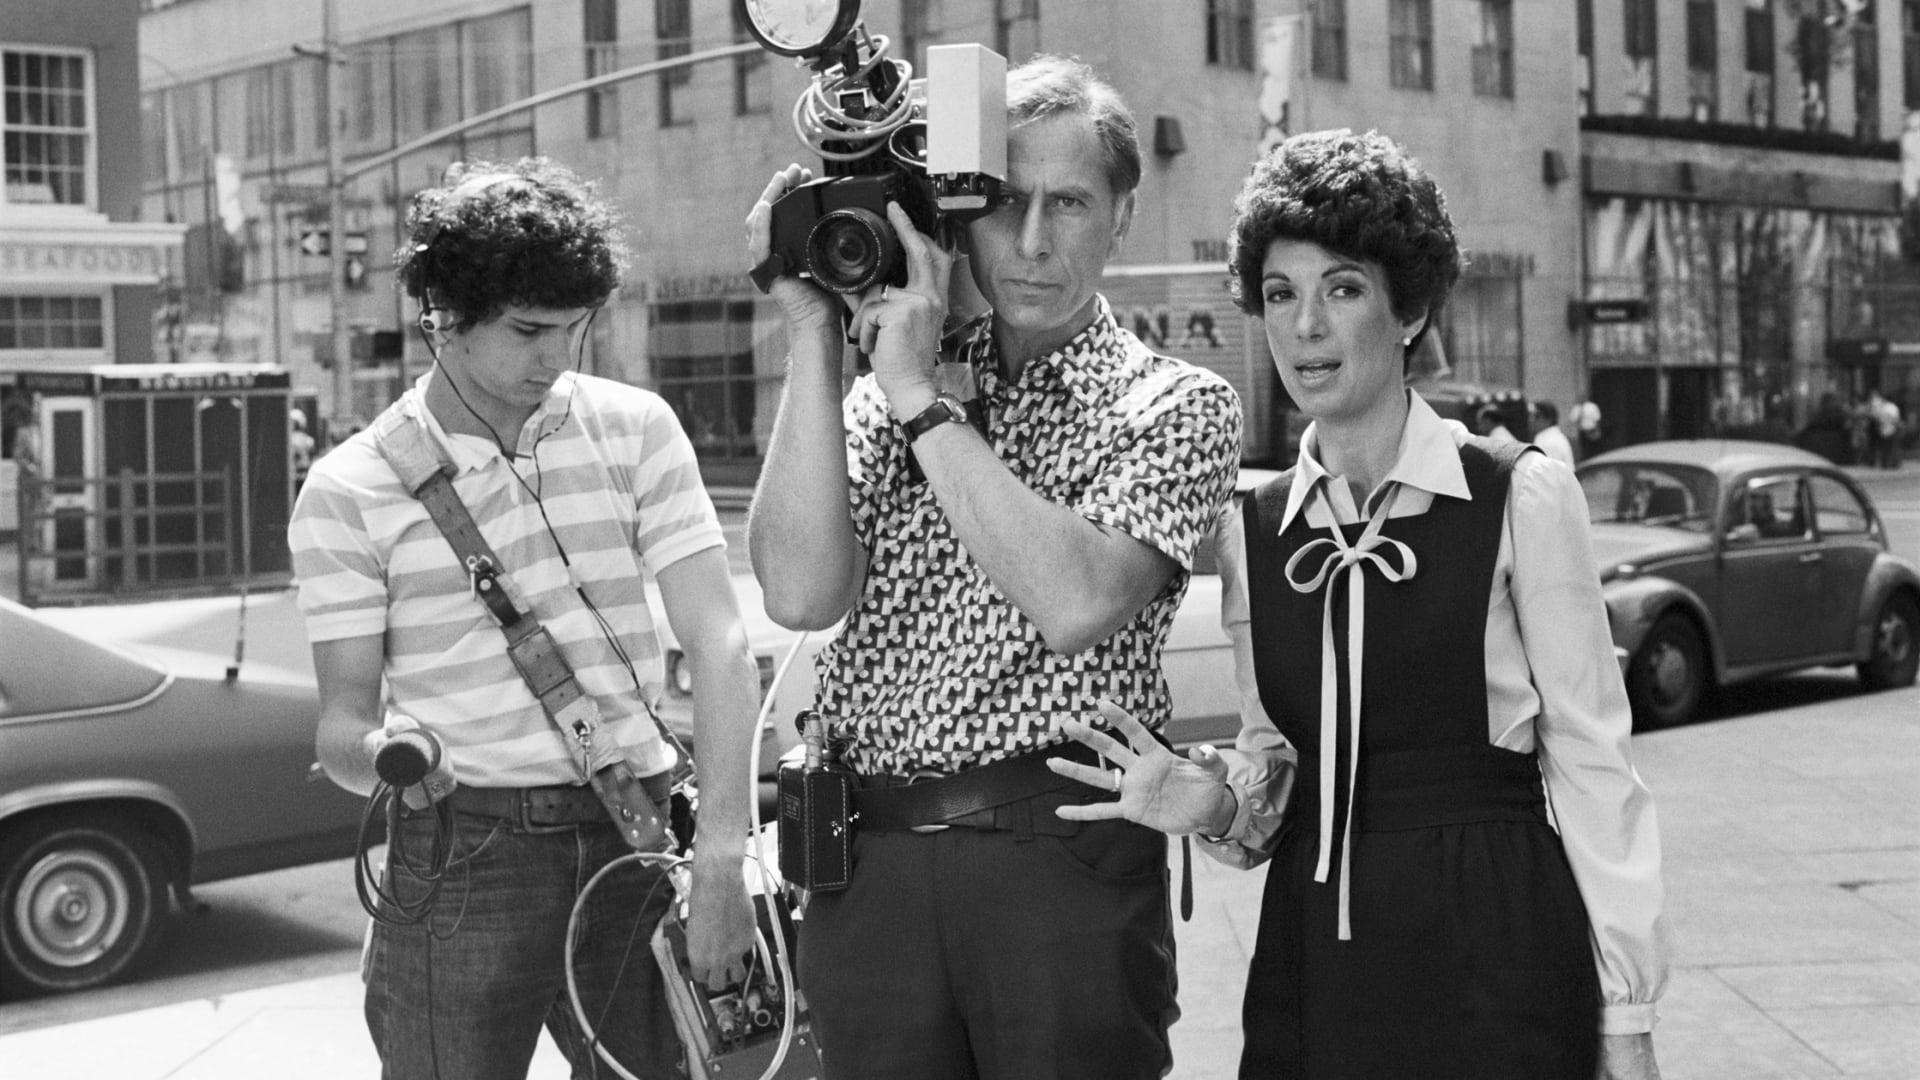 المنتجة التلفزيونية بيتي رولن في العام 1977.